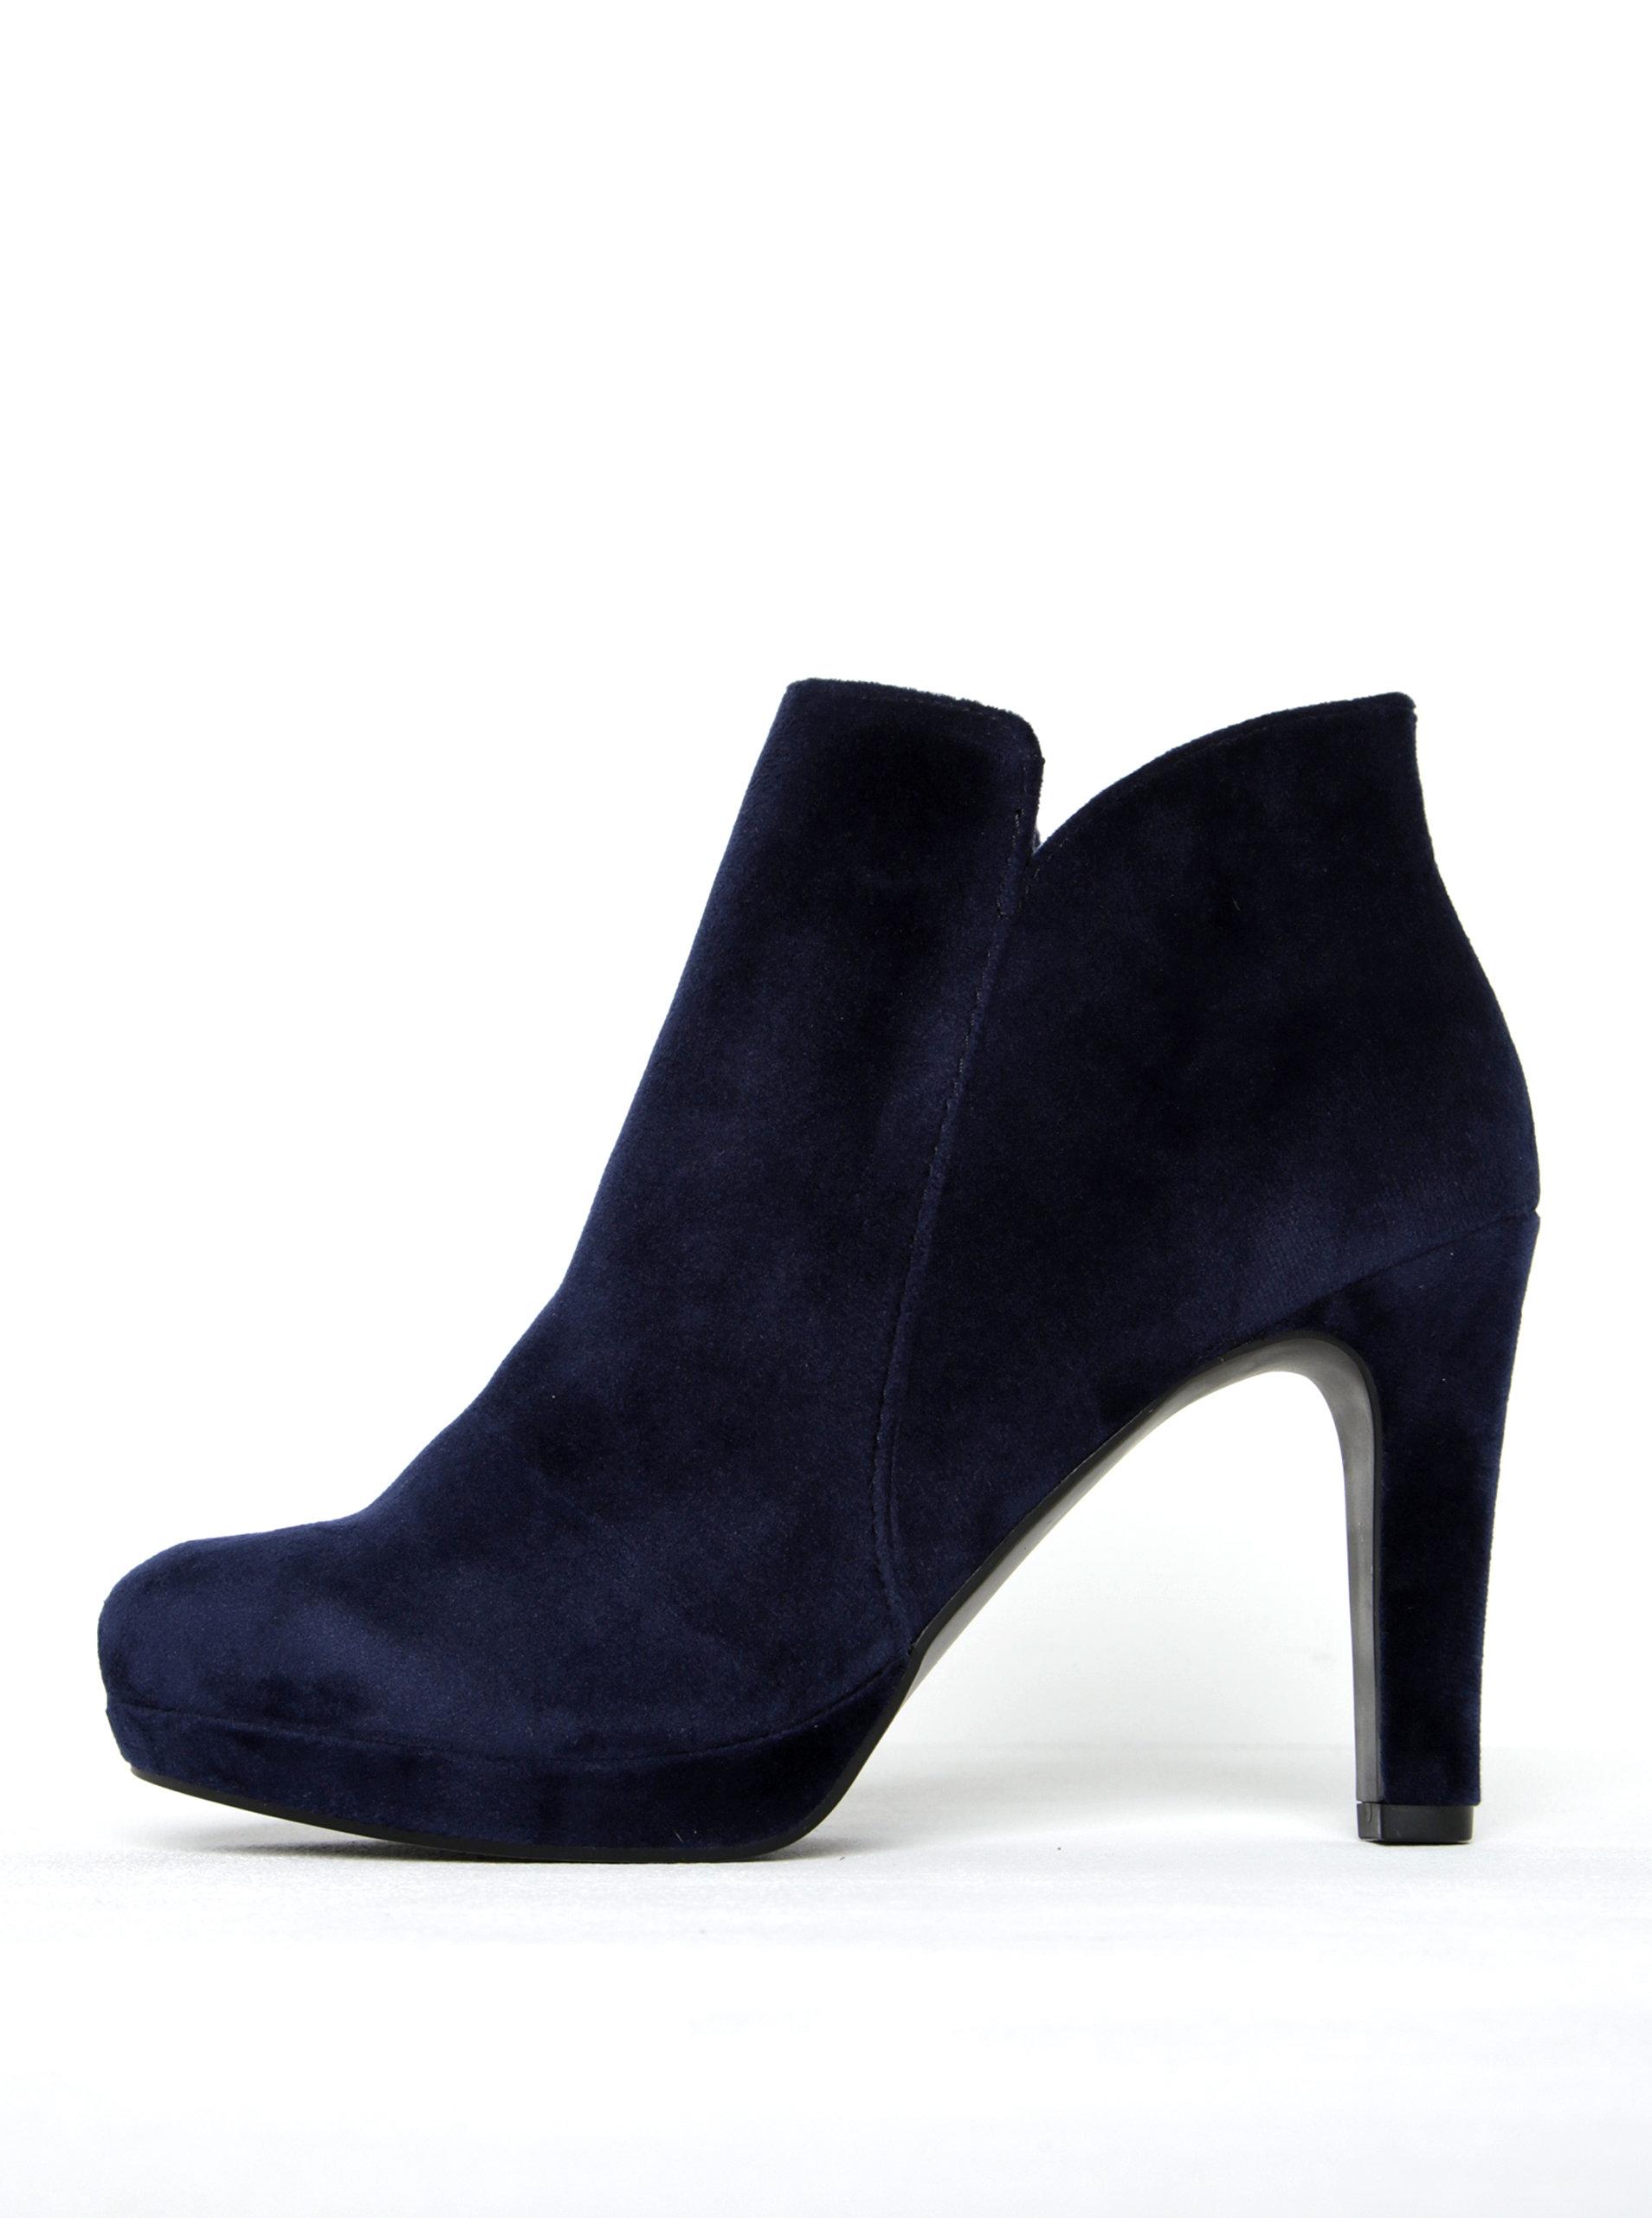 Tmavě modré sametové kotníkové boty na podpatku Tamaris ... 3e9fb78acc